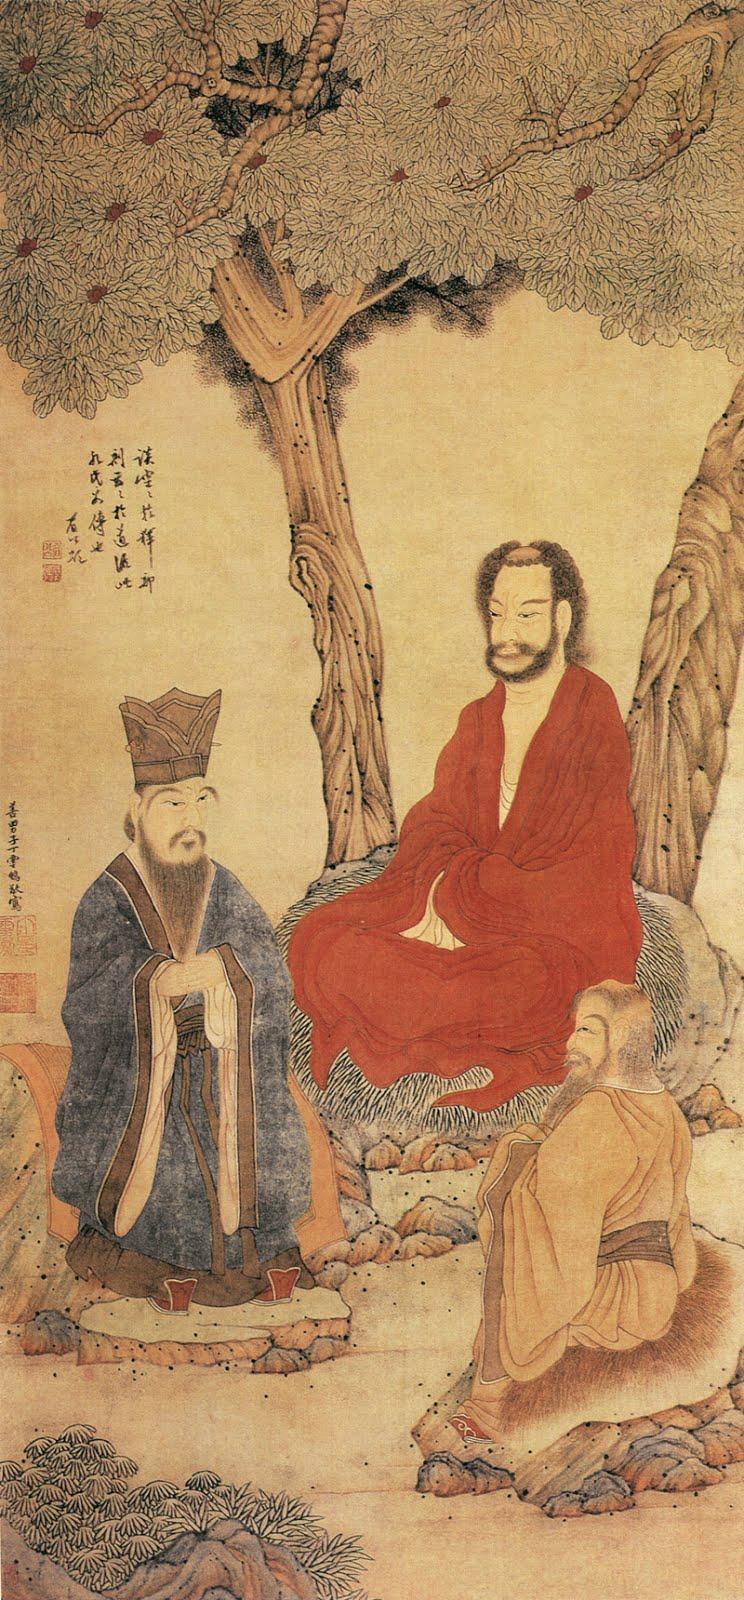 """""""La compasión es la primera regla"""". (Buddha & Confucio & Lao tsé, por Ding Yunpeng)"""